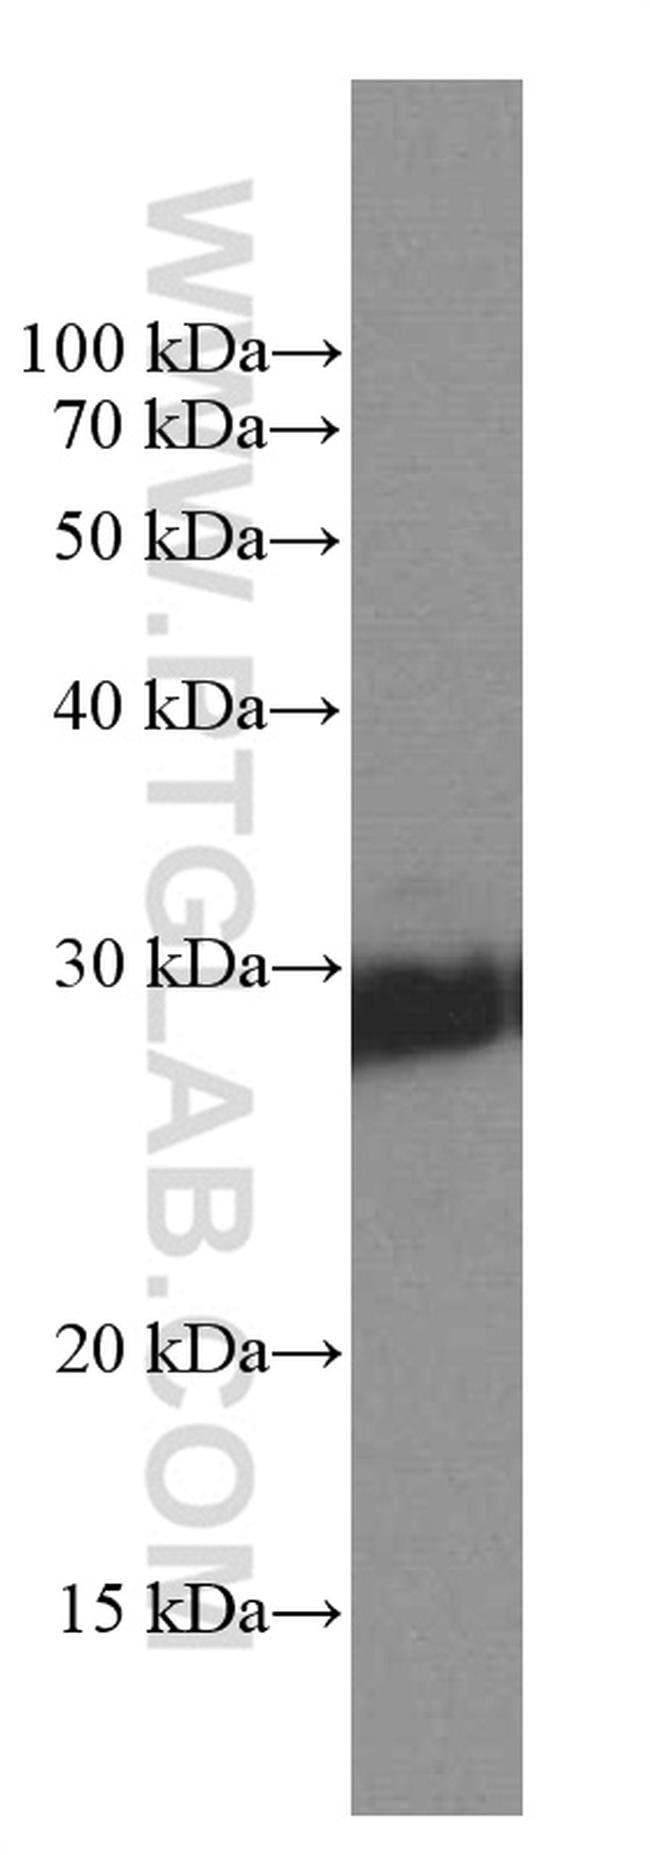 KCNIP4 Mouse anti-Human, Porcine, Rat, Clone: 5B1D12, Proteintech 150 μL; Unconjugated Ver productos